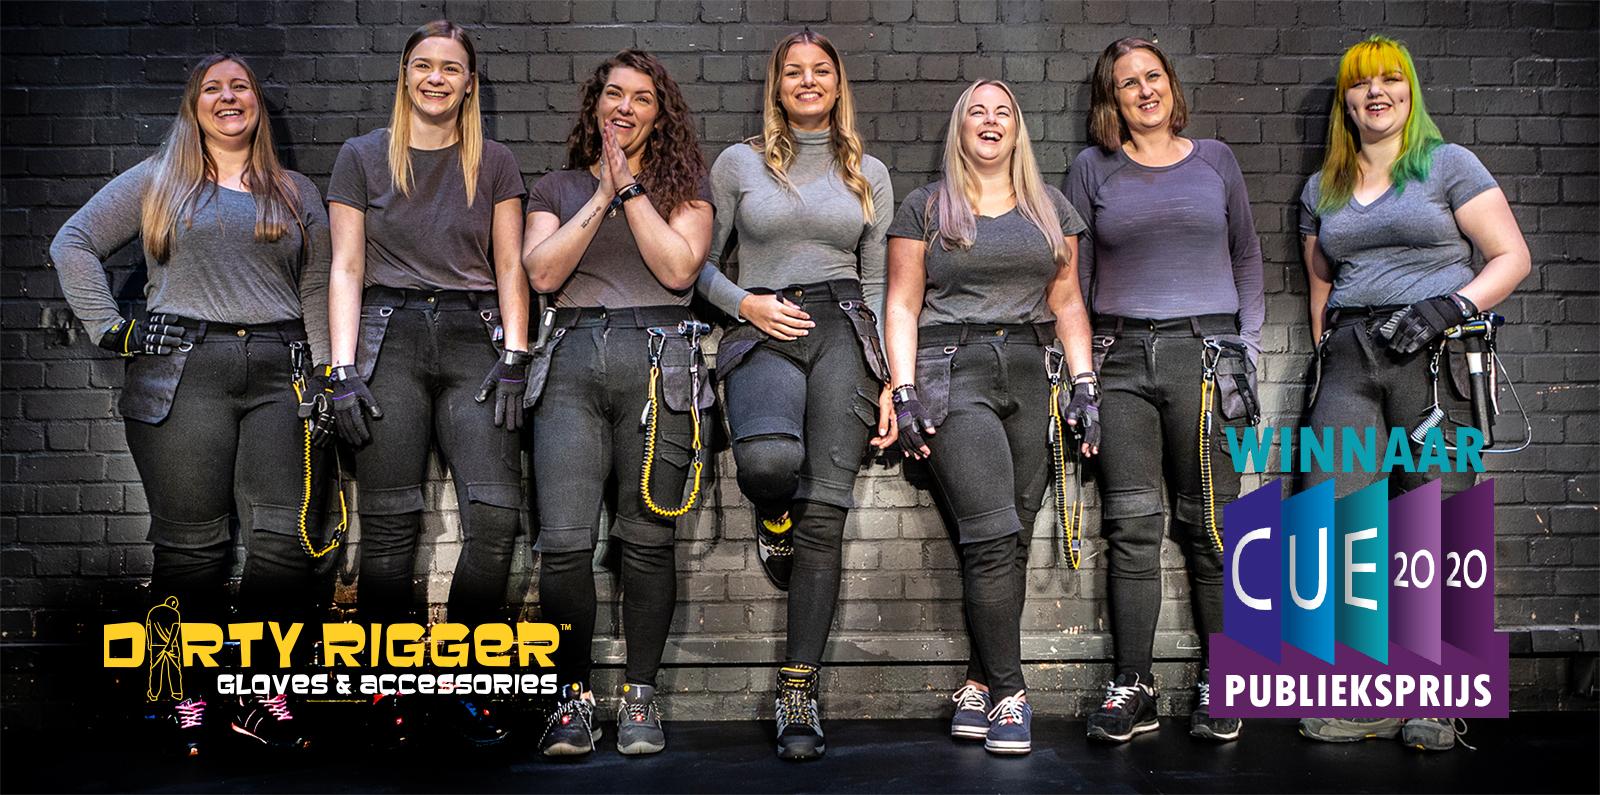 Dirty Rigger dames werkbroek